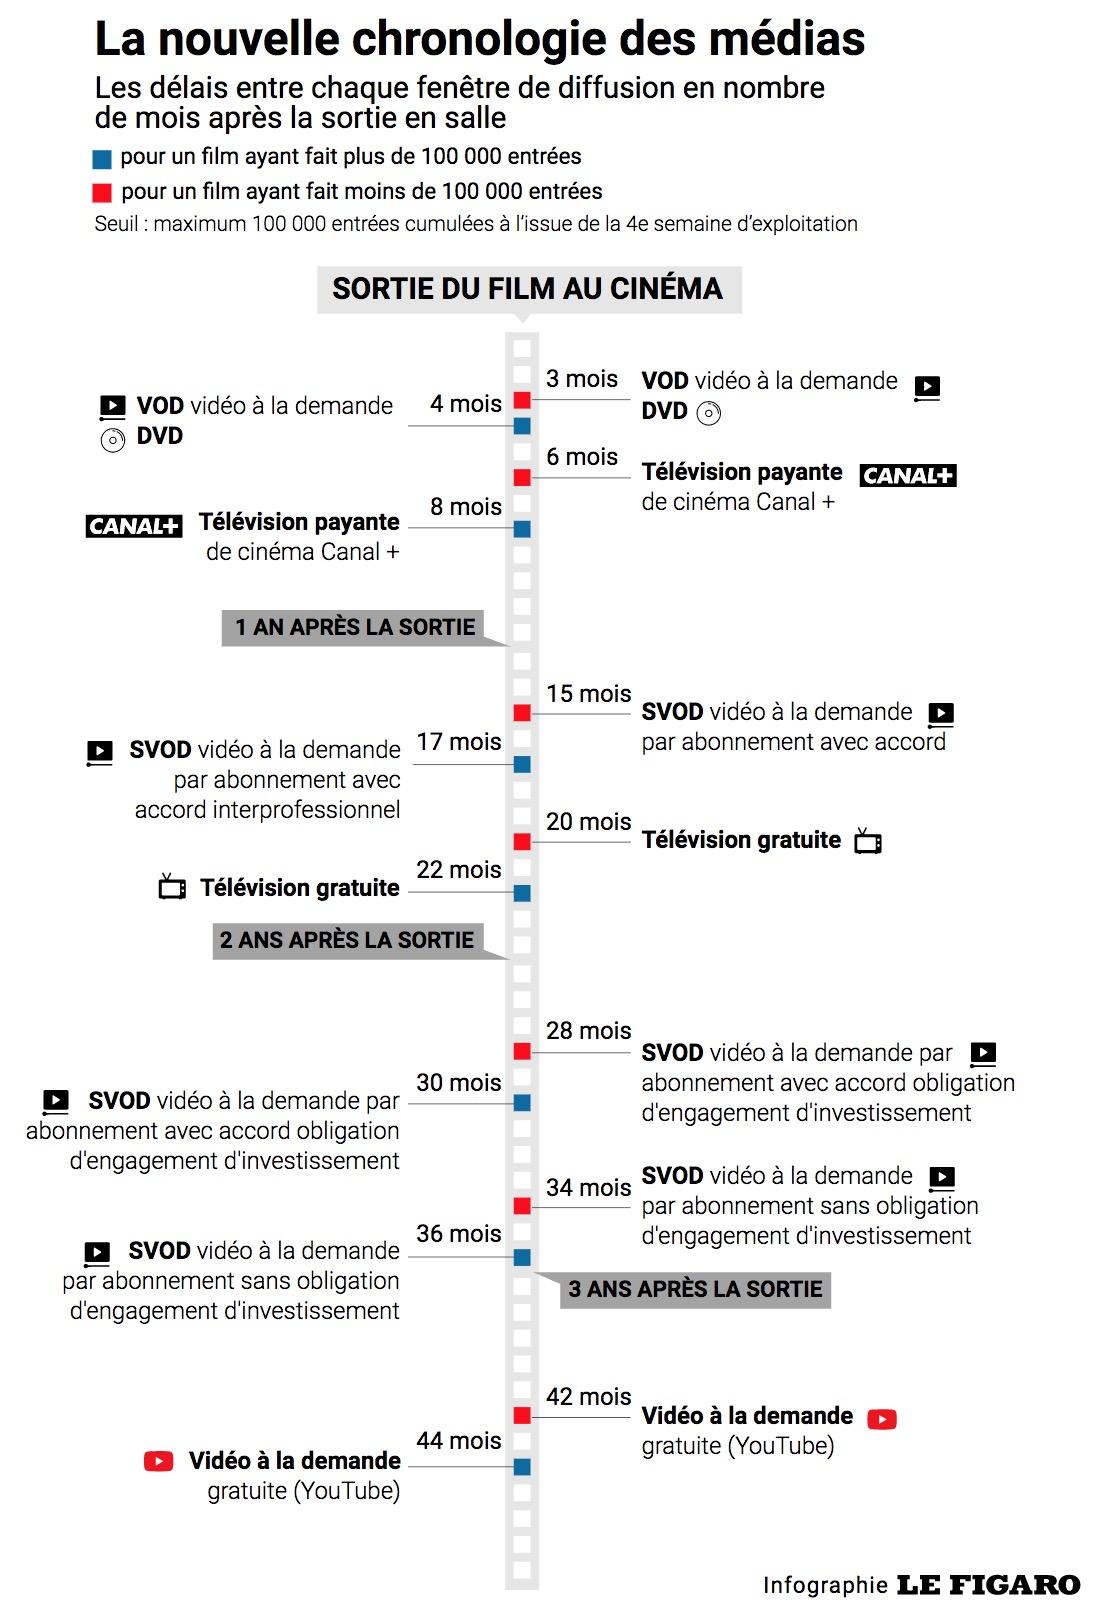 Infographie représentant la durée qu'il faut à un film pour sortir du cinéma